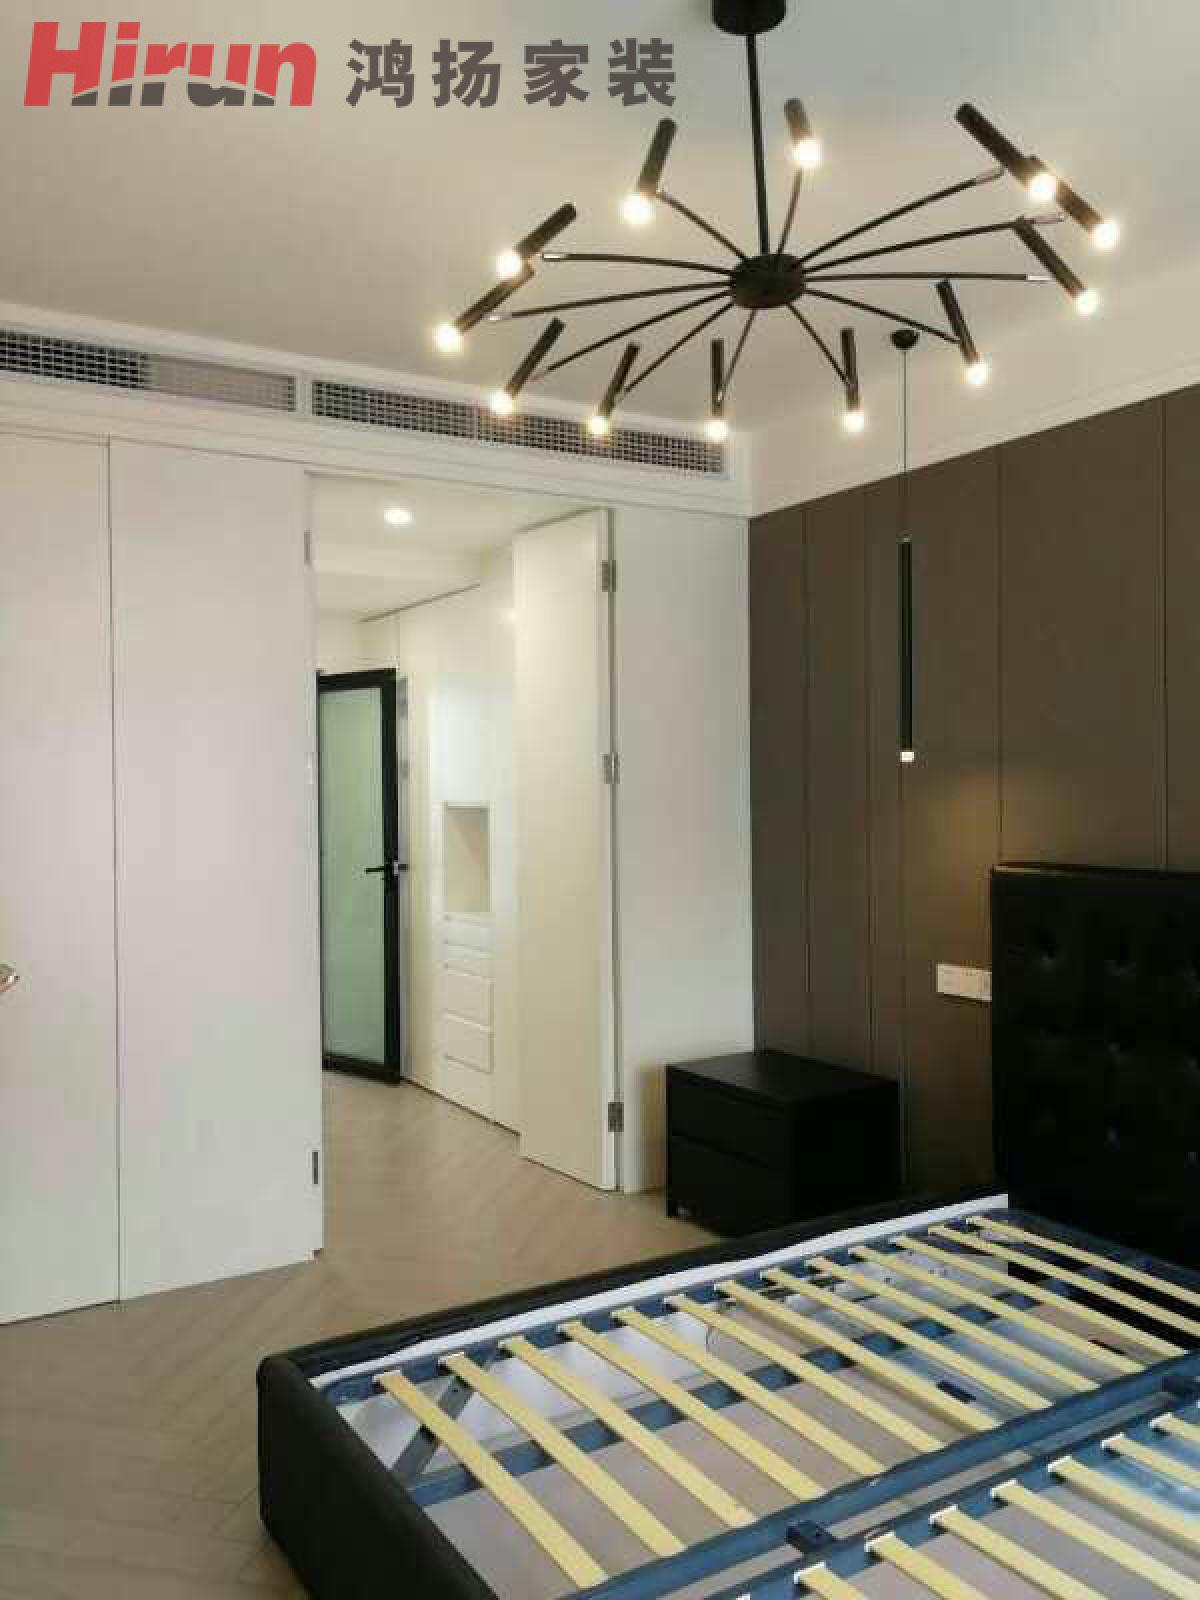 深灰色的现代简洁的床头背墙,造型简洁的黑色灯饰.